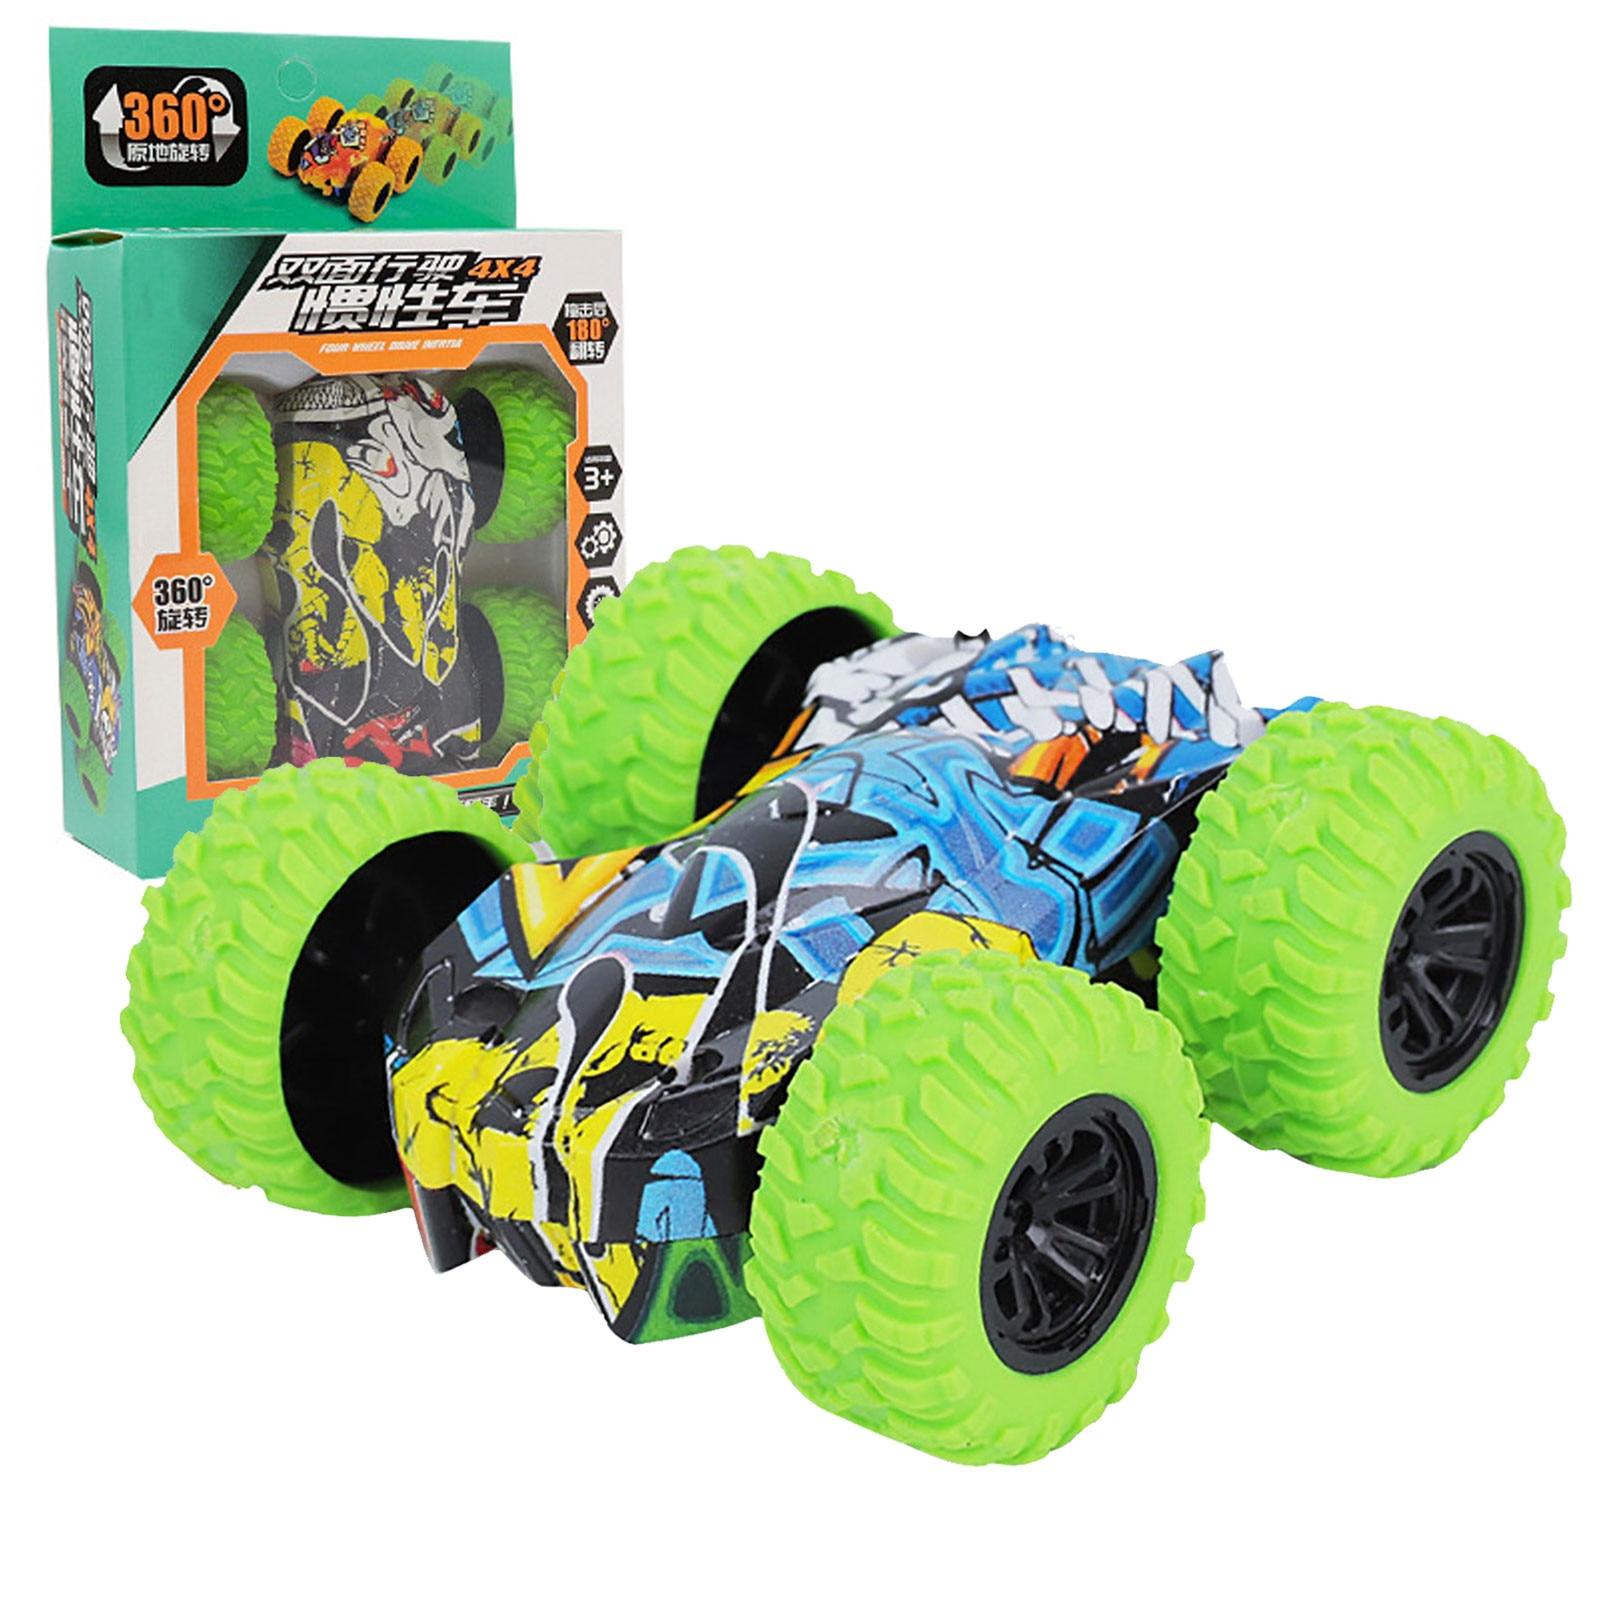 Игрушки для детей, инерционная двухсторонняя трюковая машина-граффити, модель внедорожника, автомобиль, детская игрушка, подарок, Коллекци...